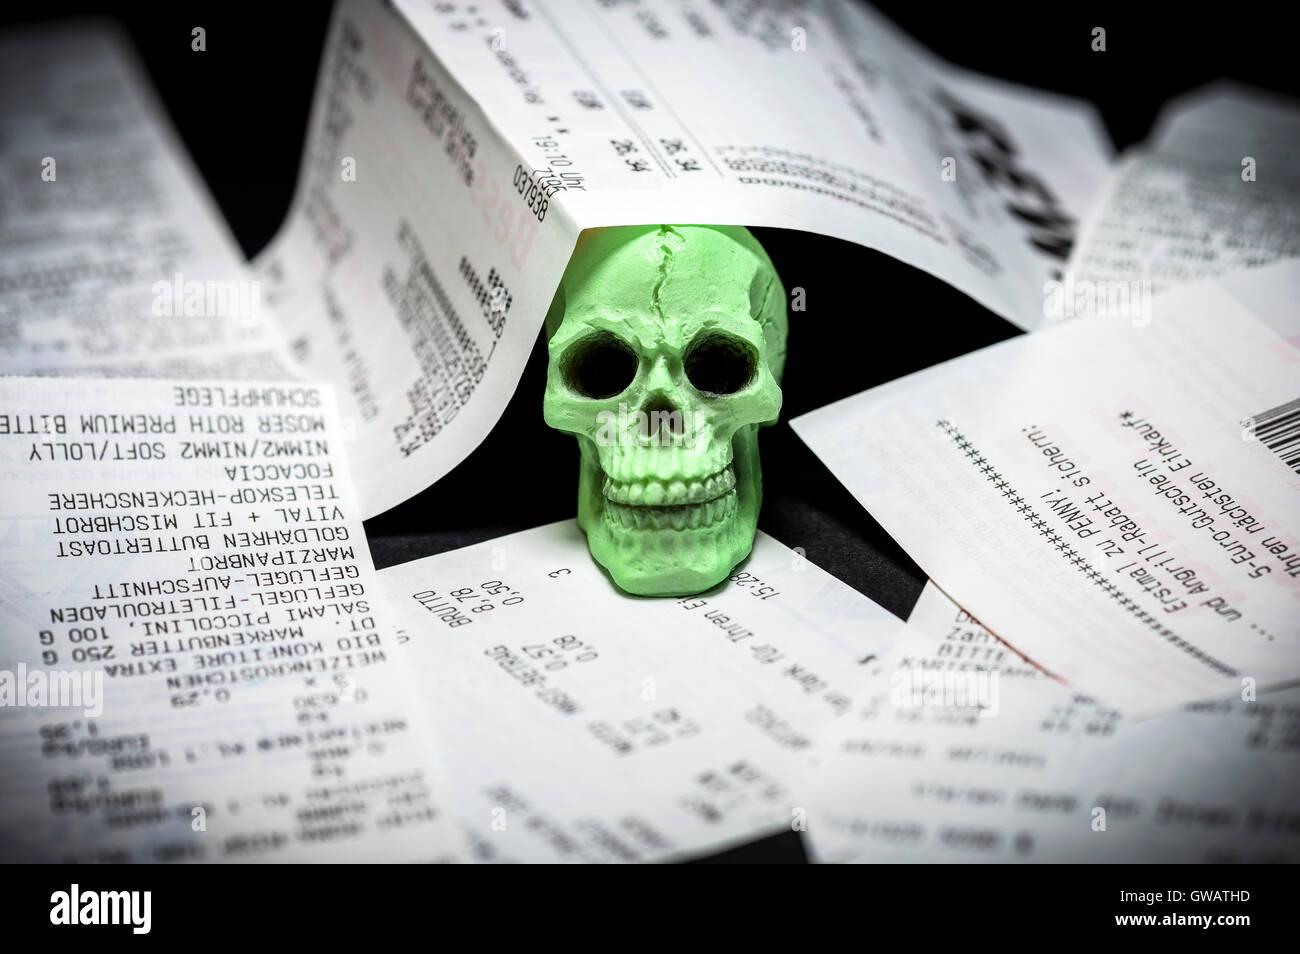 Recettes et tête de mort préjudiciable, le bisphénol A dans le papier thermique, Kassenbons und Totenkopf, Photo Stock